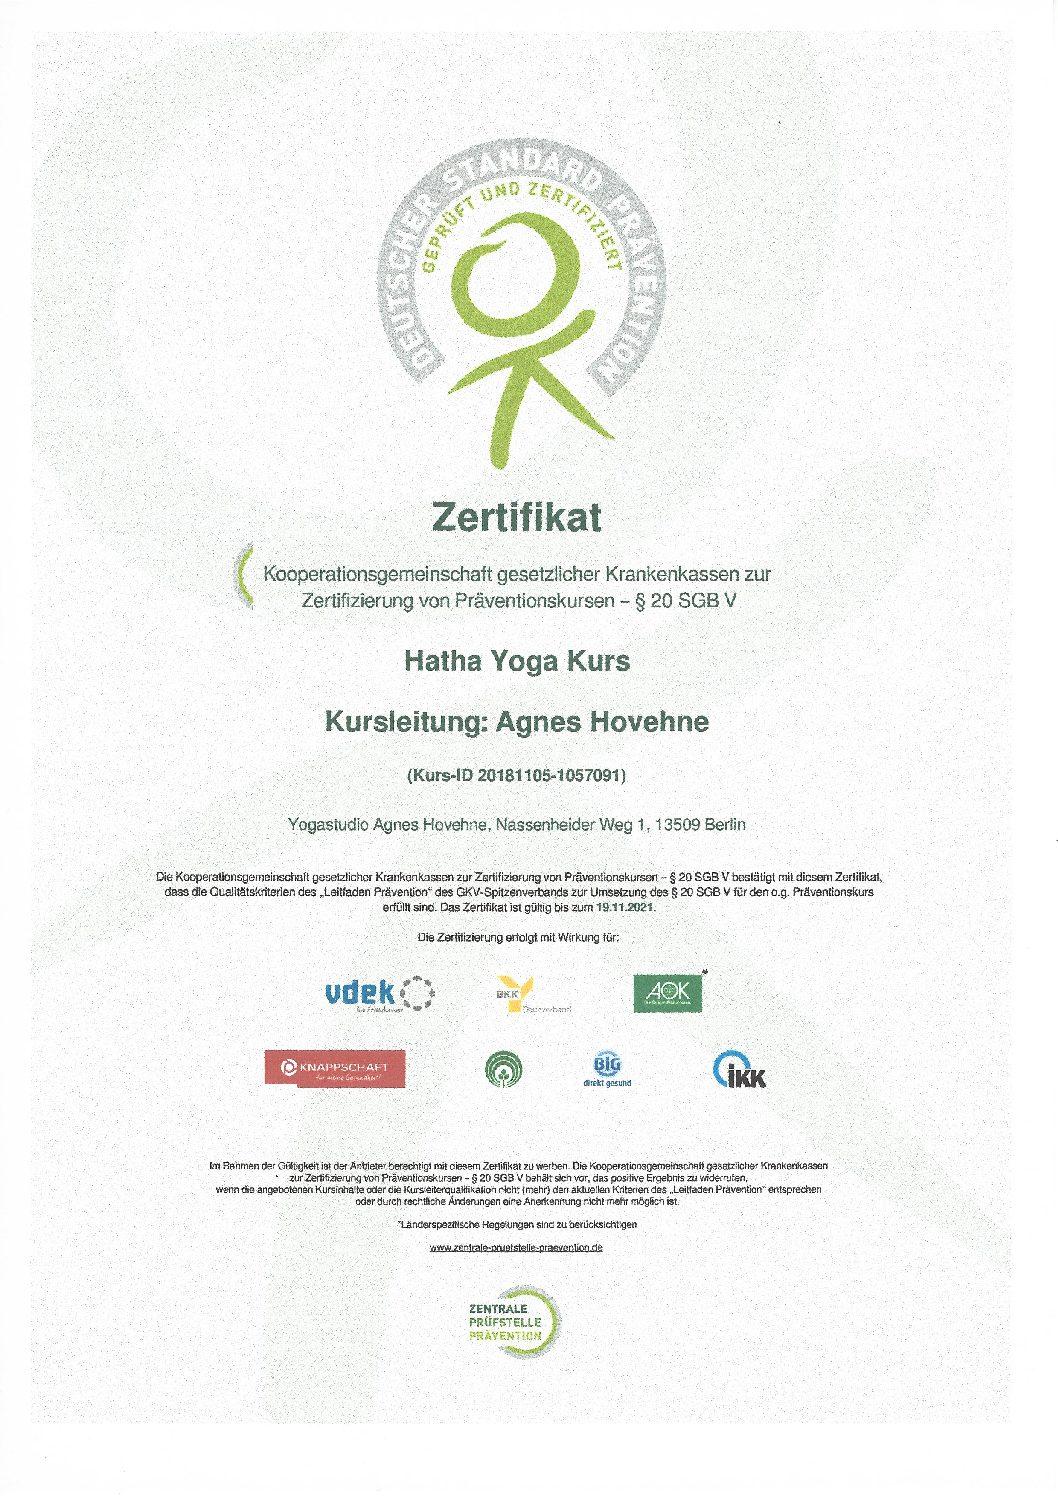 ZPP Zertifizierung von Präventionskursen